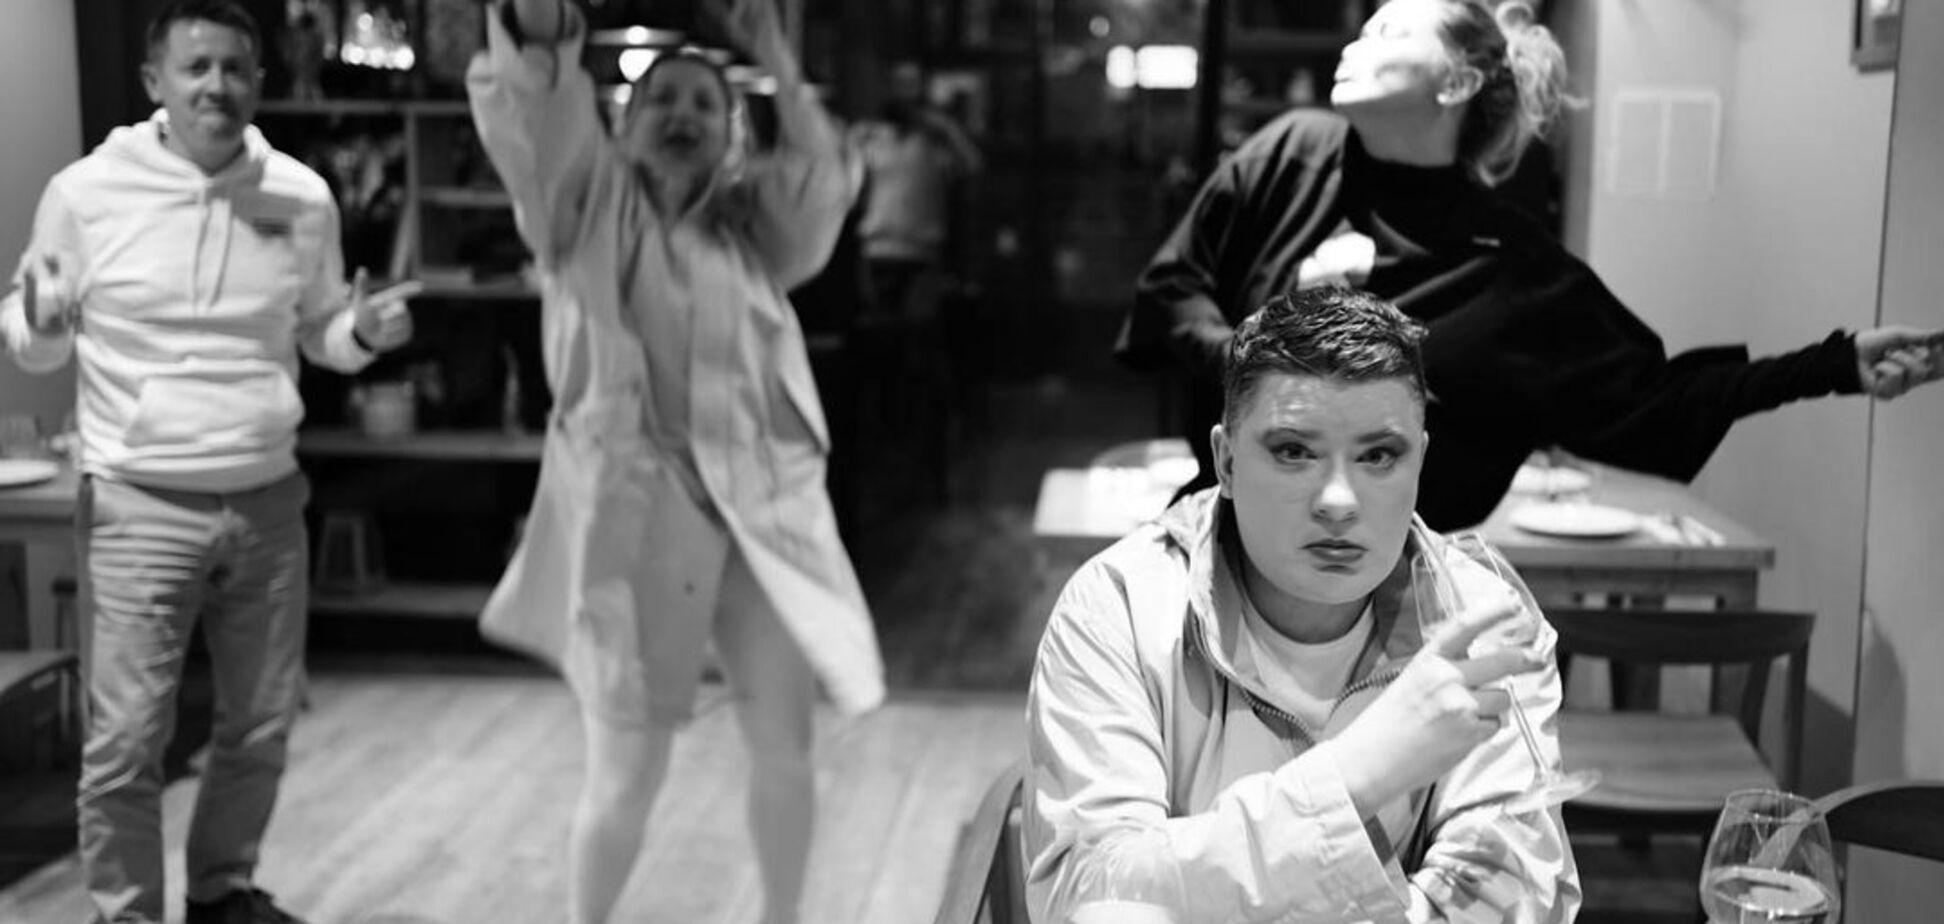 Як Вєрку Сердючку в 'Орлі і Решці' знімали: з'явилися ексклюзивні подробиці